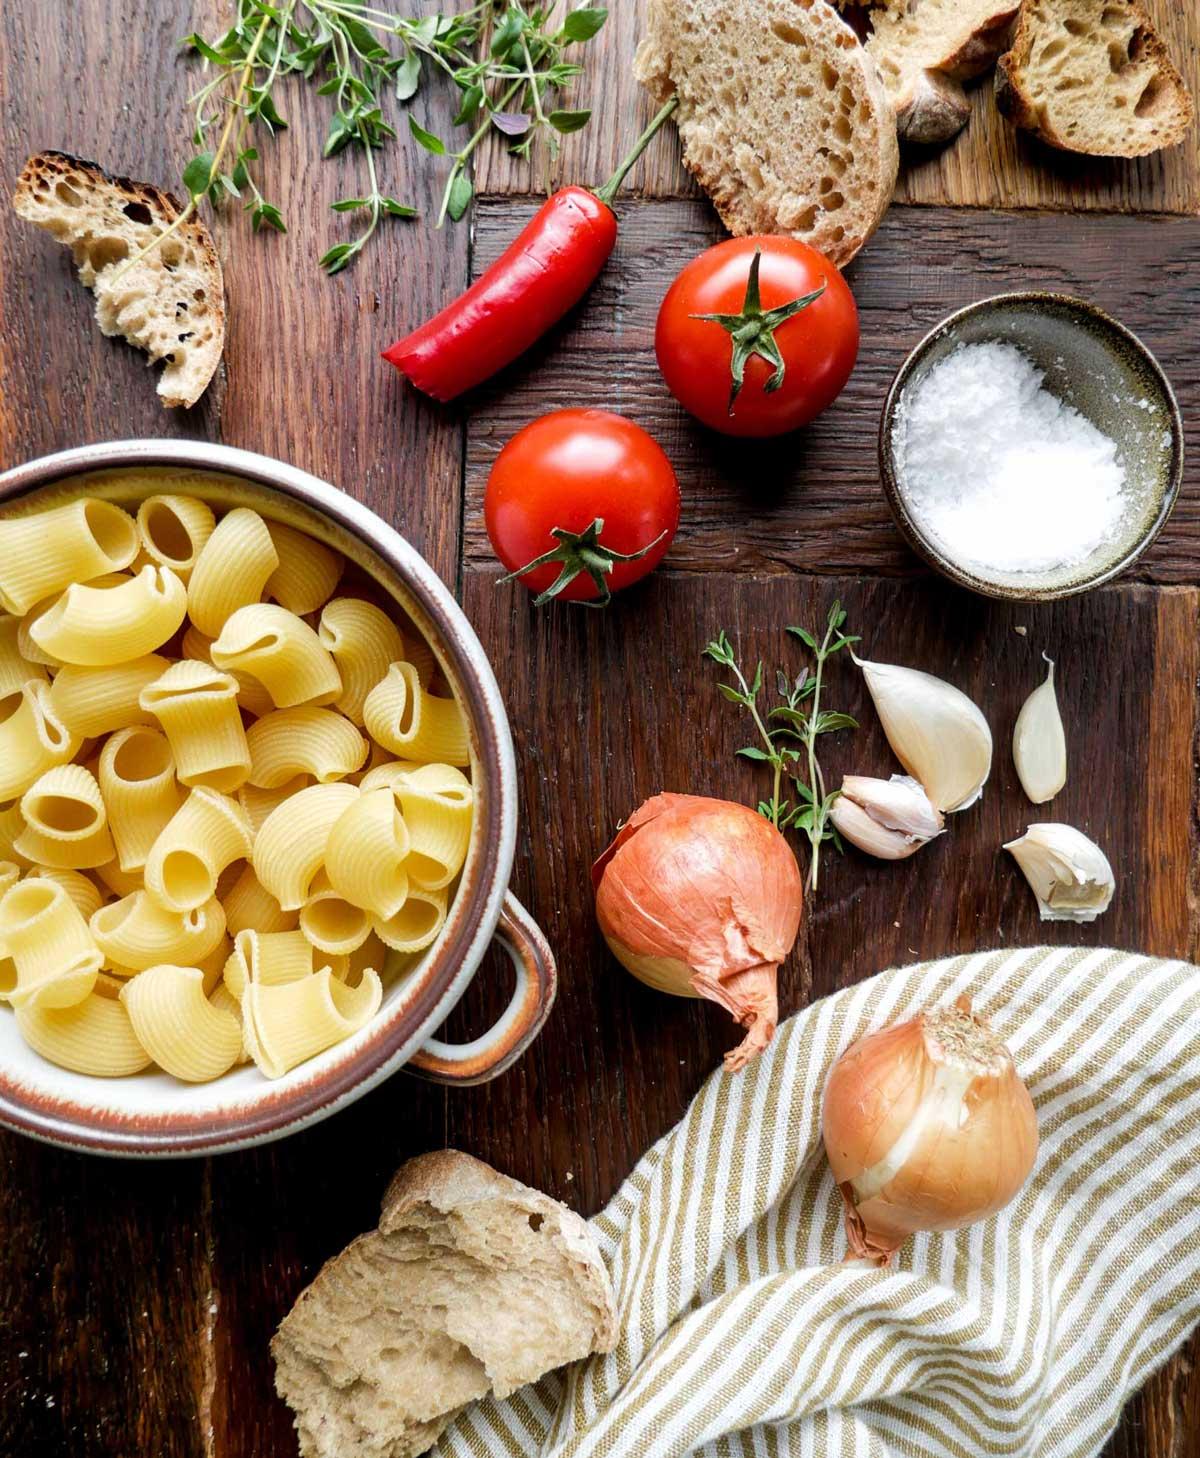 ingredienser til hjemmelavet tomatsuppe med pasta